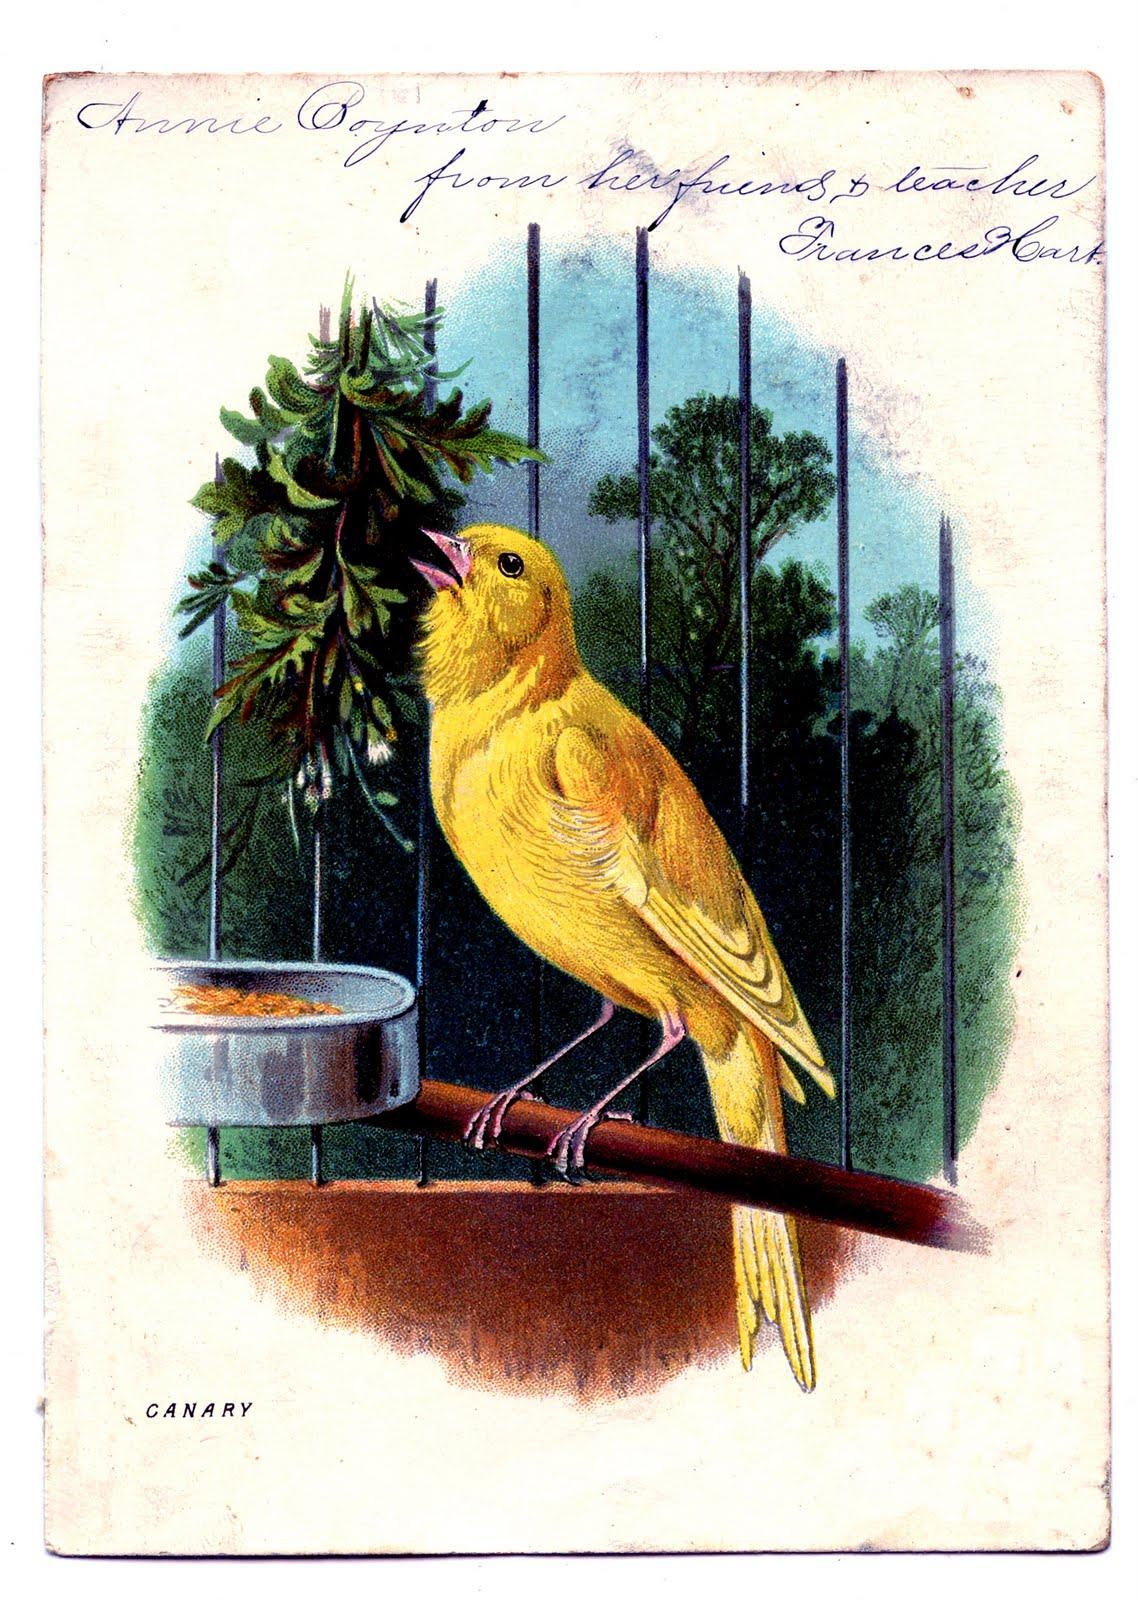 Canary Singing Image